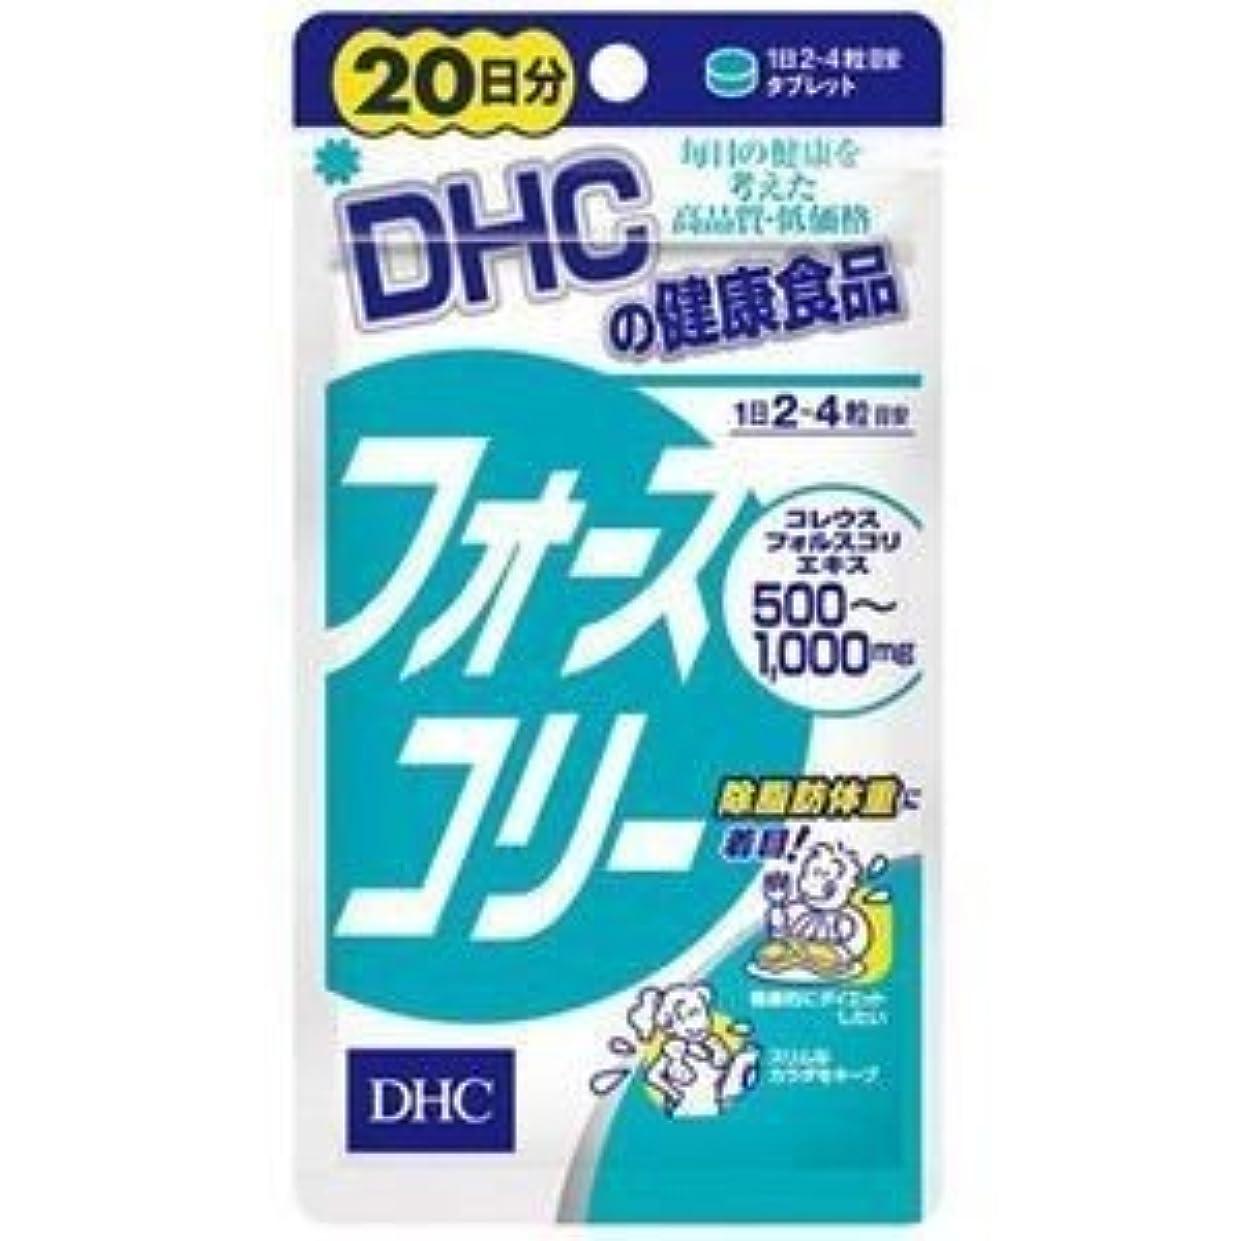 モートシロナガスクジラほのかDHC フォースコリー 20日分 80粒